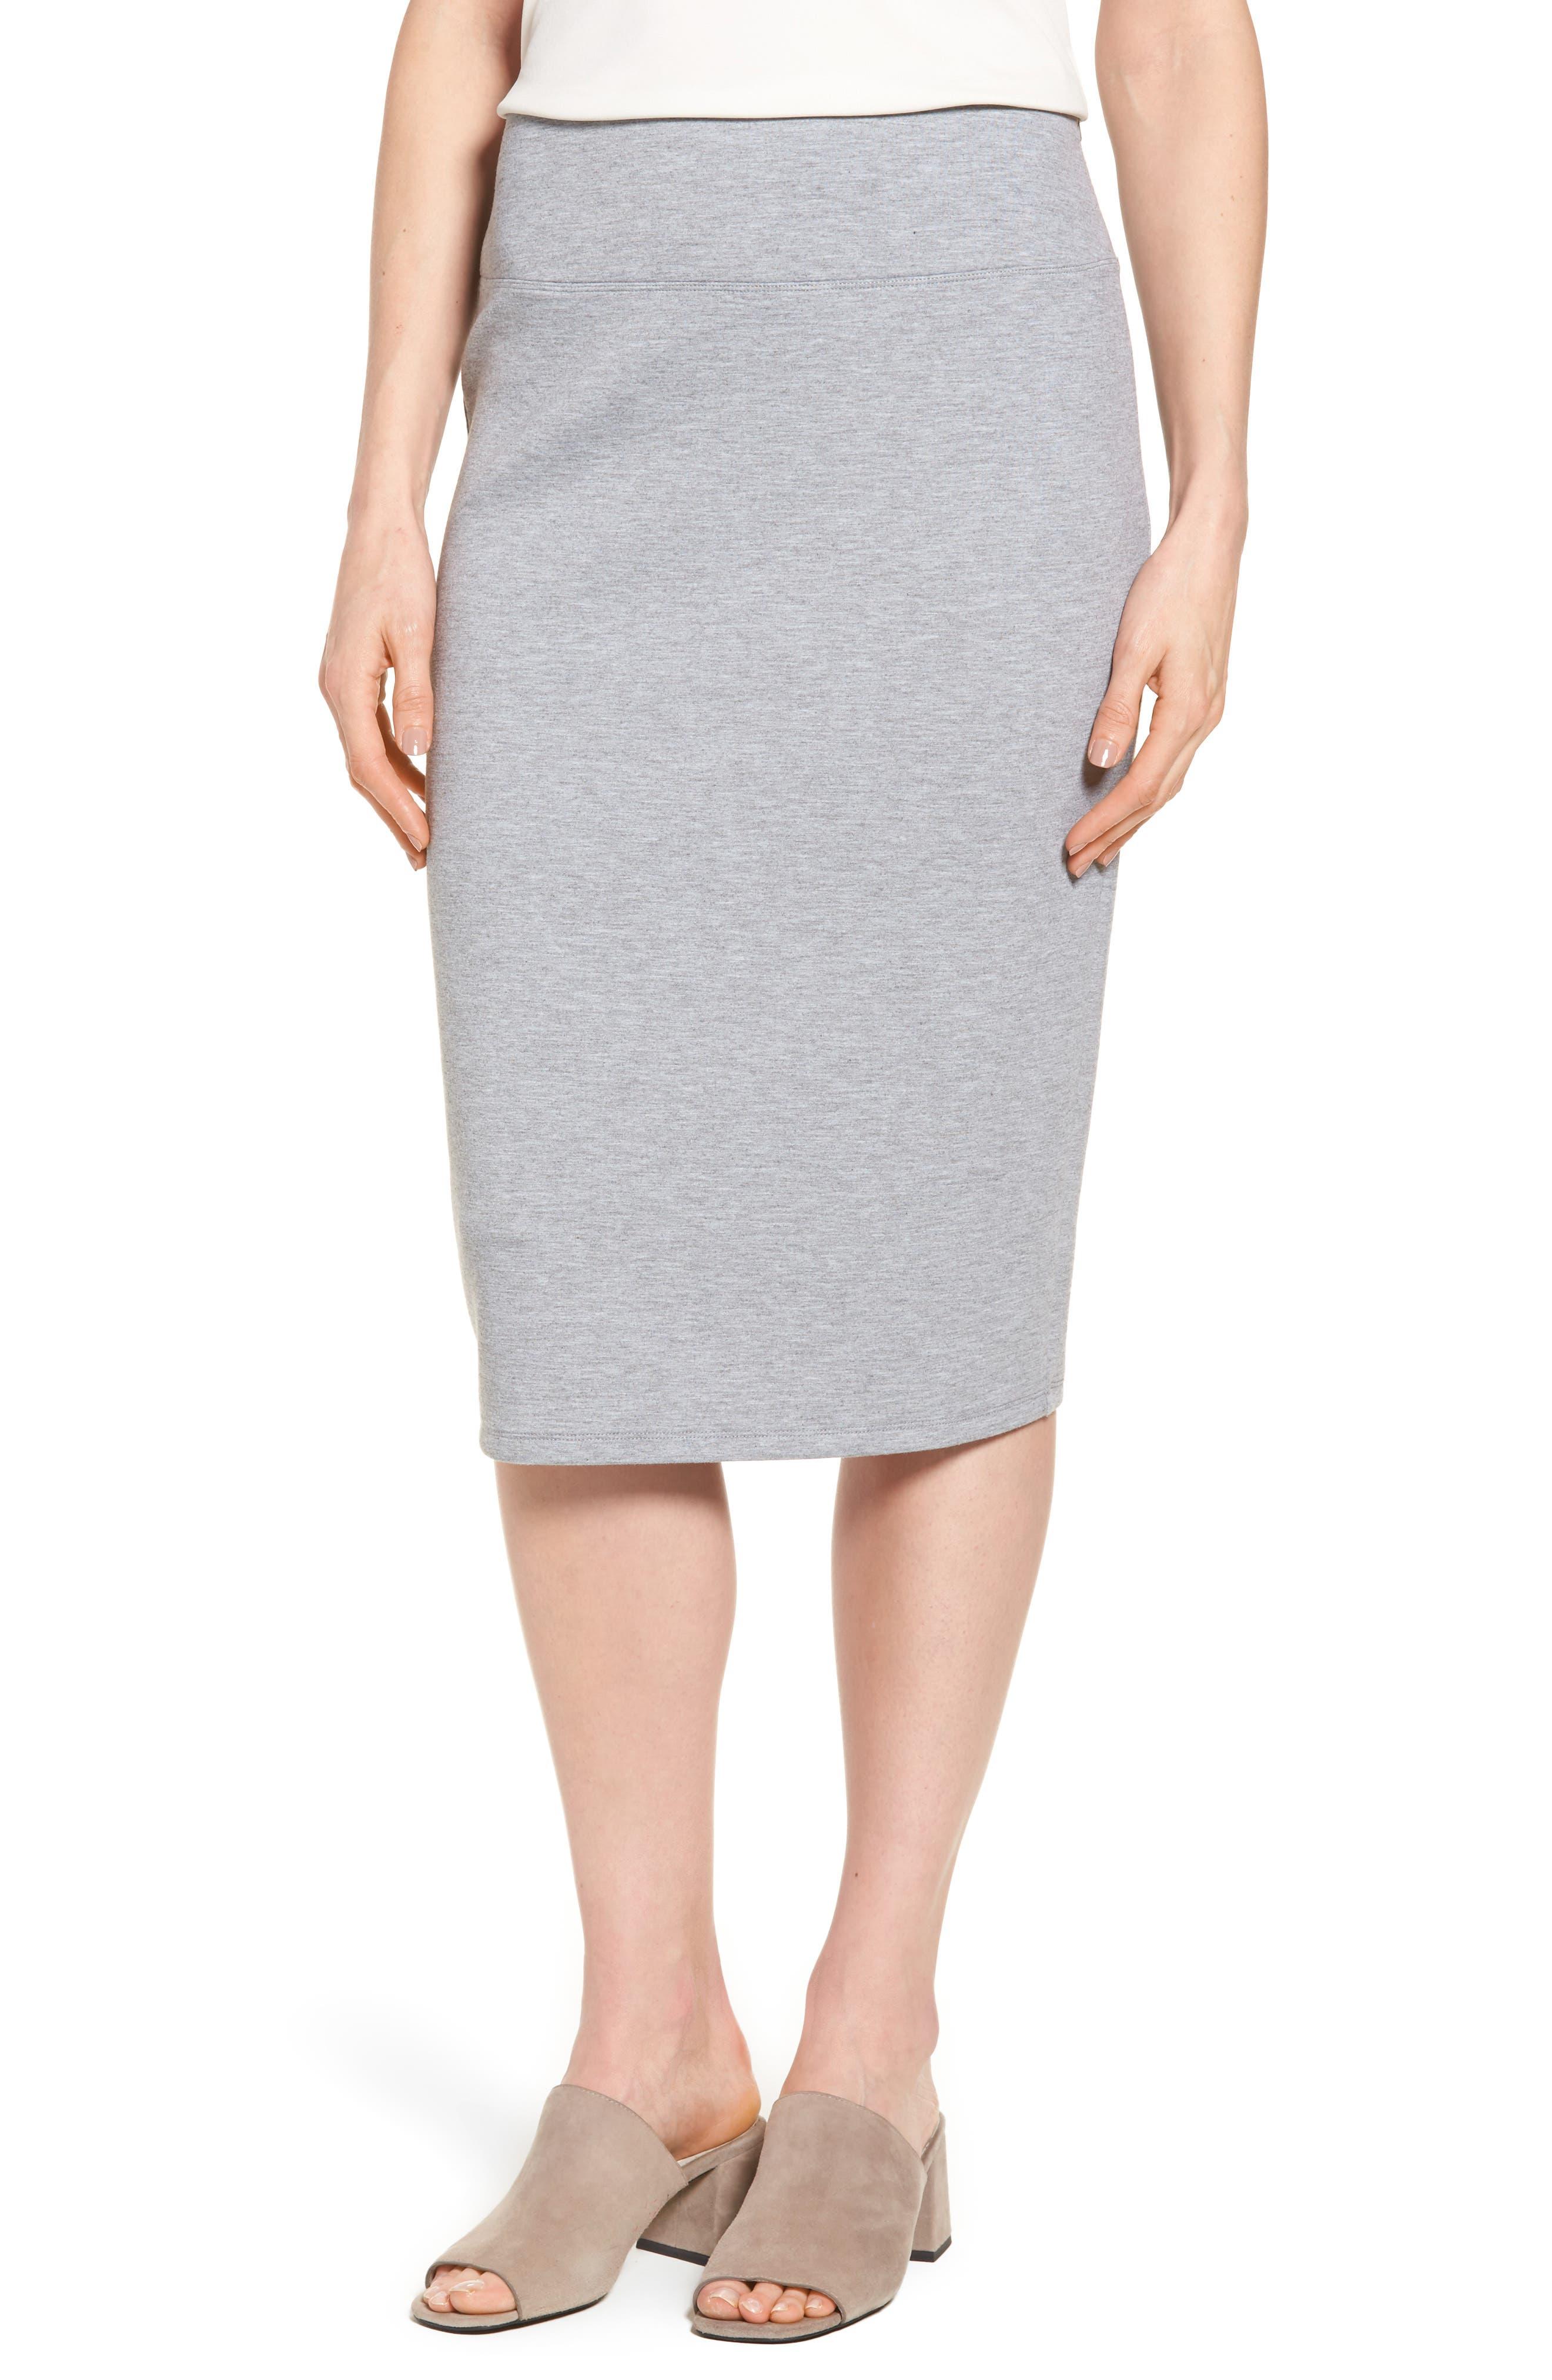 Alternate Image 1 Selected - Halogen® Neoprene Knit Pencil Skirt (Regular & Petite)